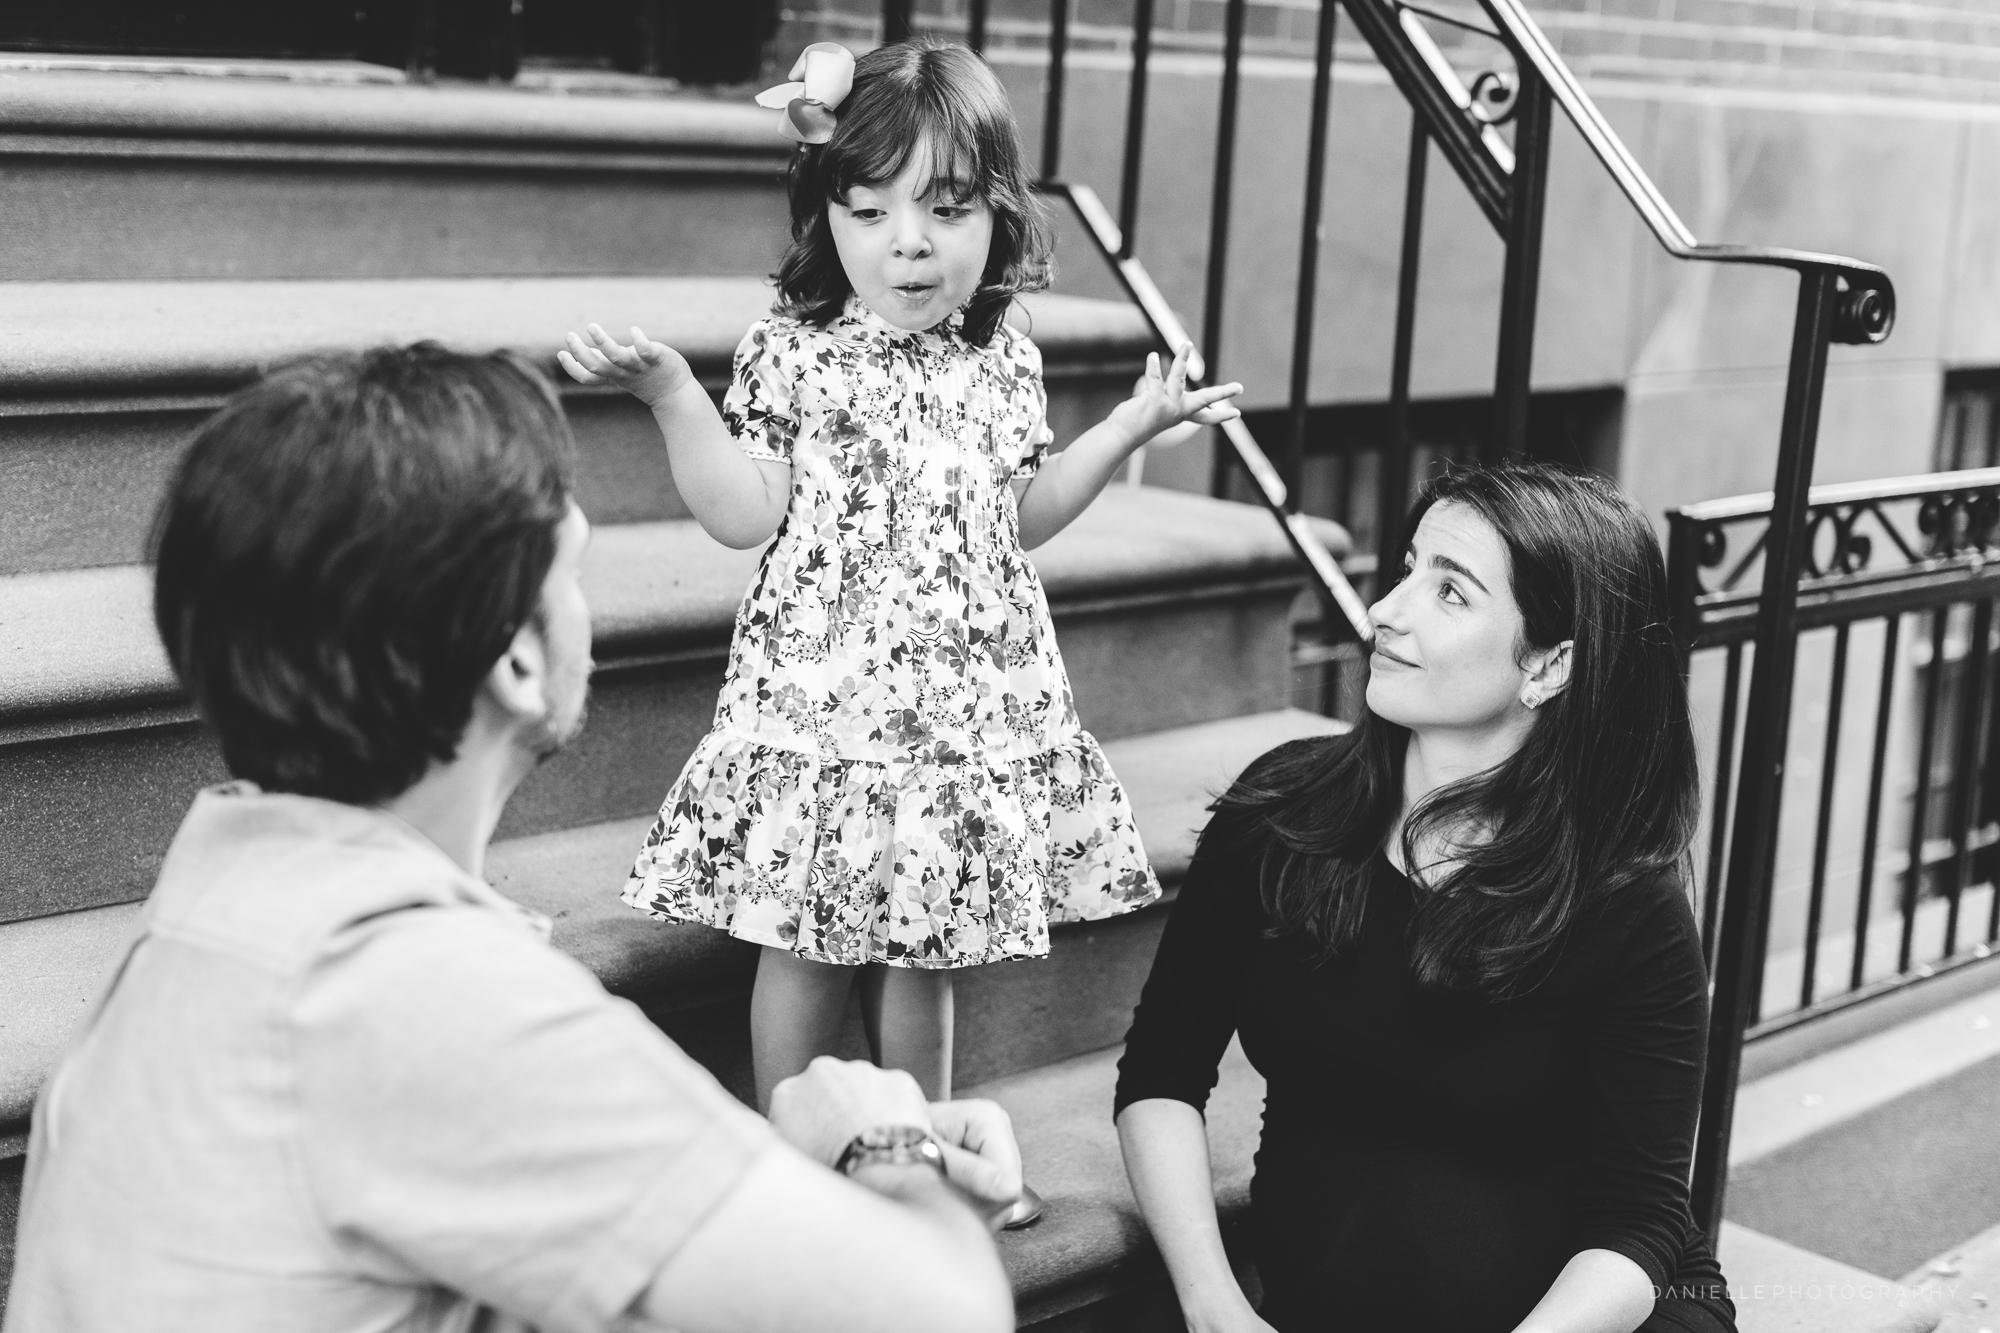 @DaniellePhotographySA_Family_New_York_Maternity_Photos-120.jpg